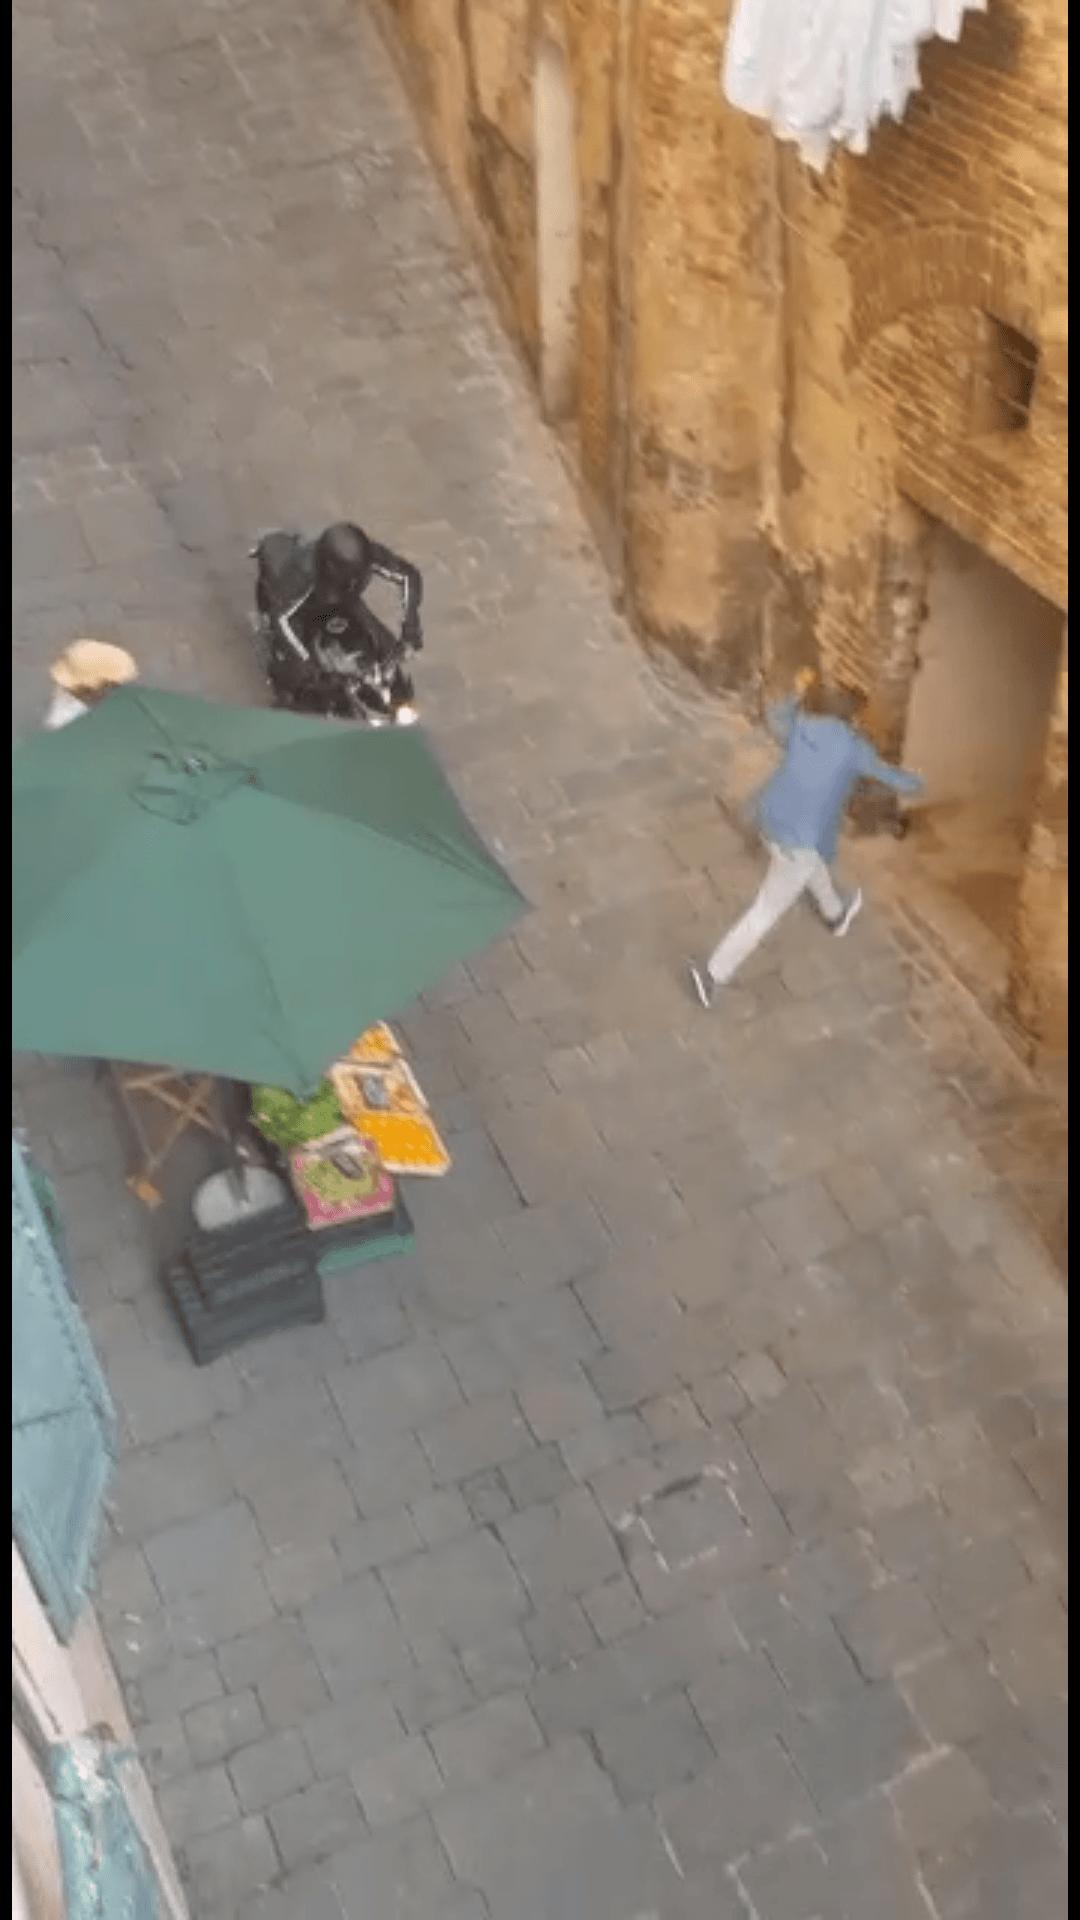 Netflix, ciak si gira: le spettacolari immagini degli stuntman in Fontebranda